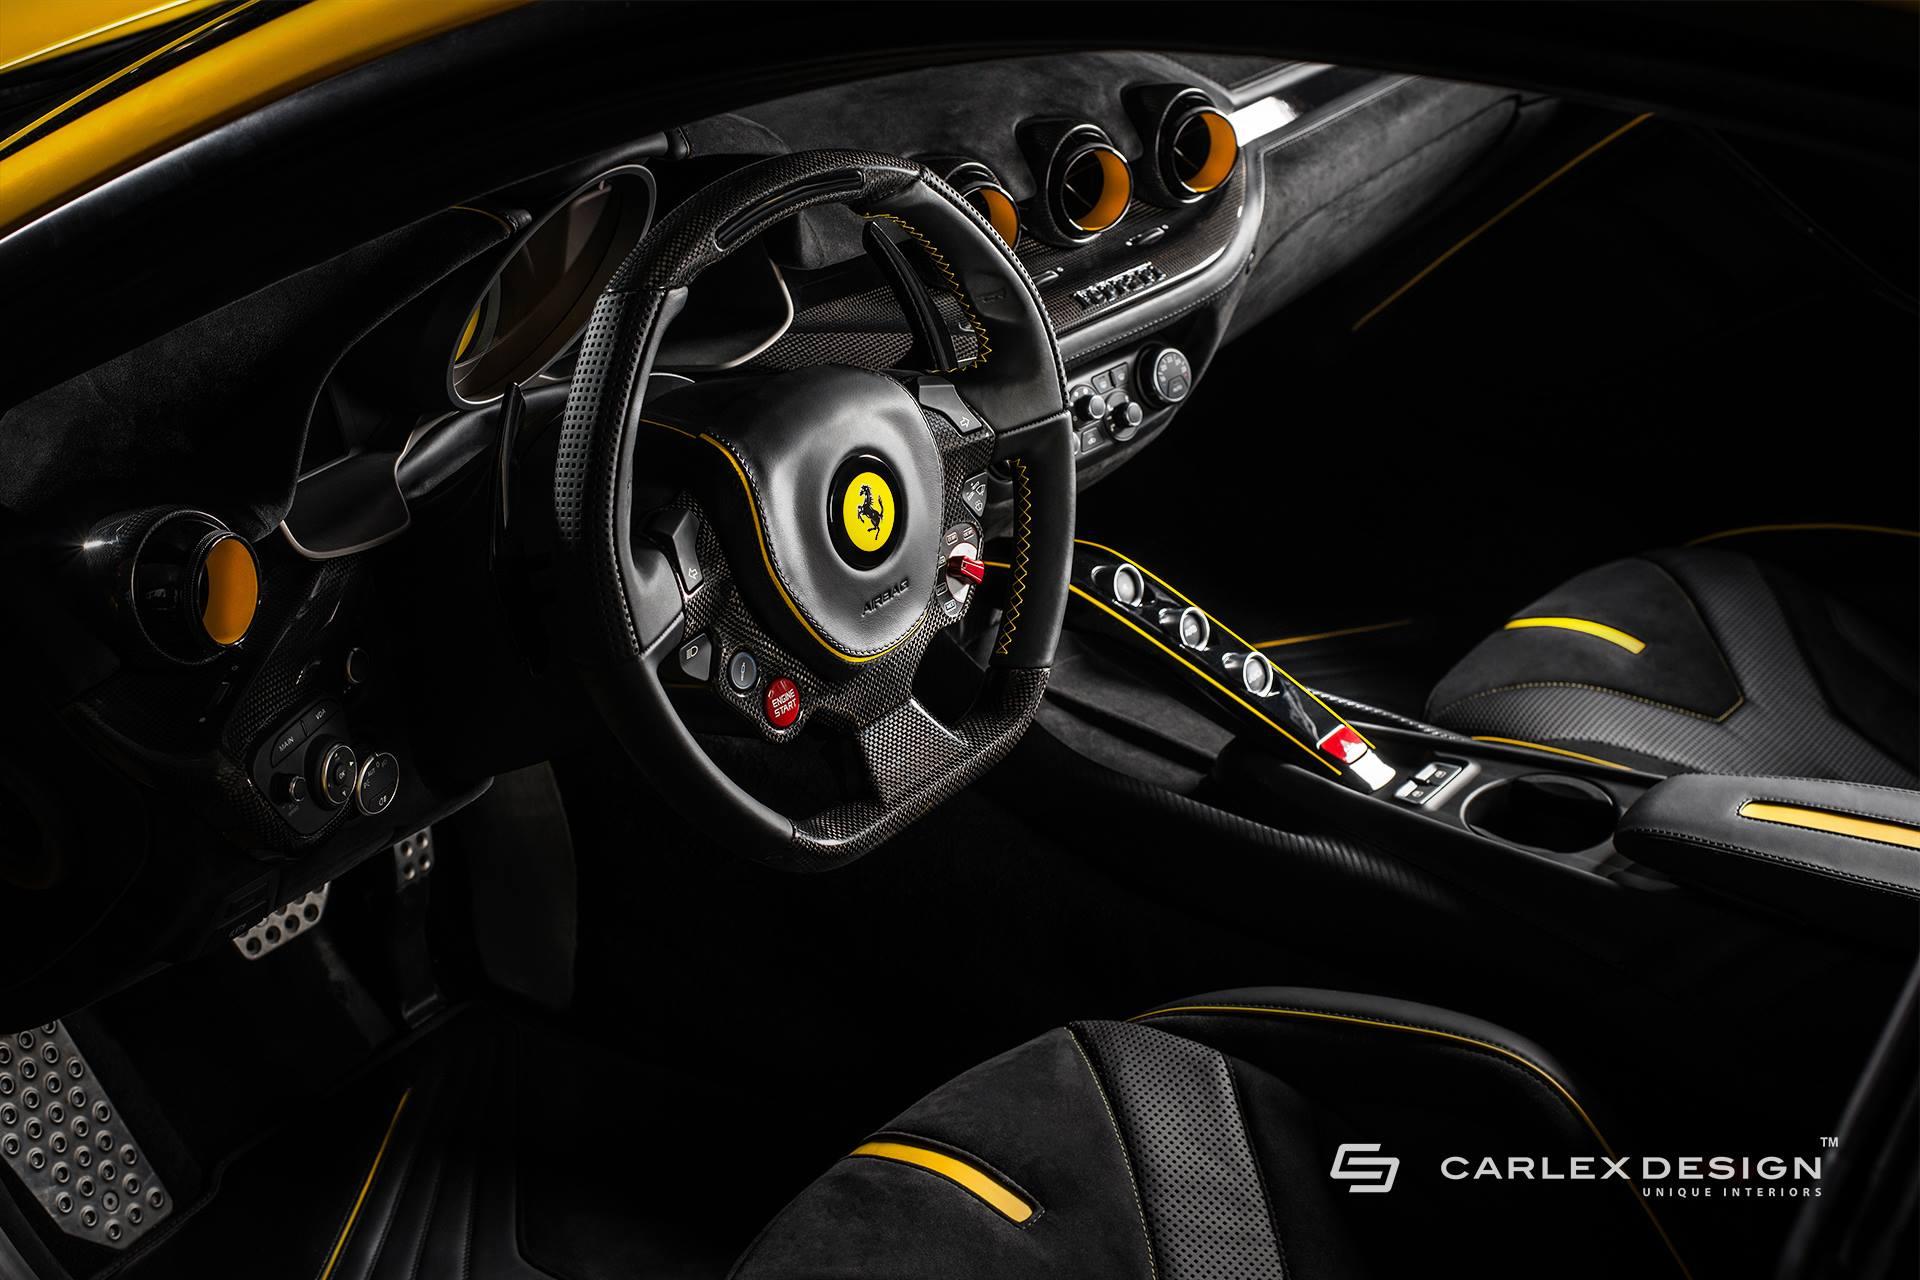 Ferrari F12berlinetta by Carlex Design (18)